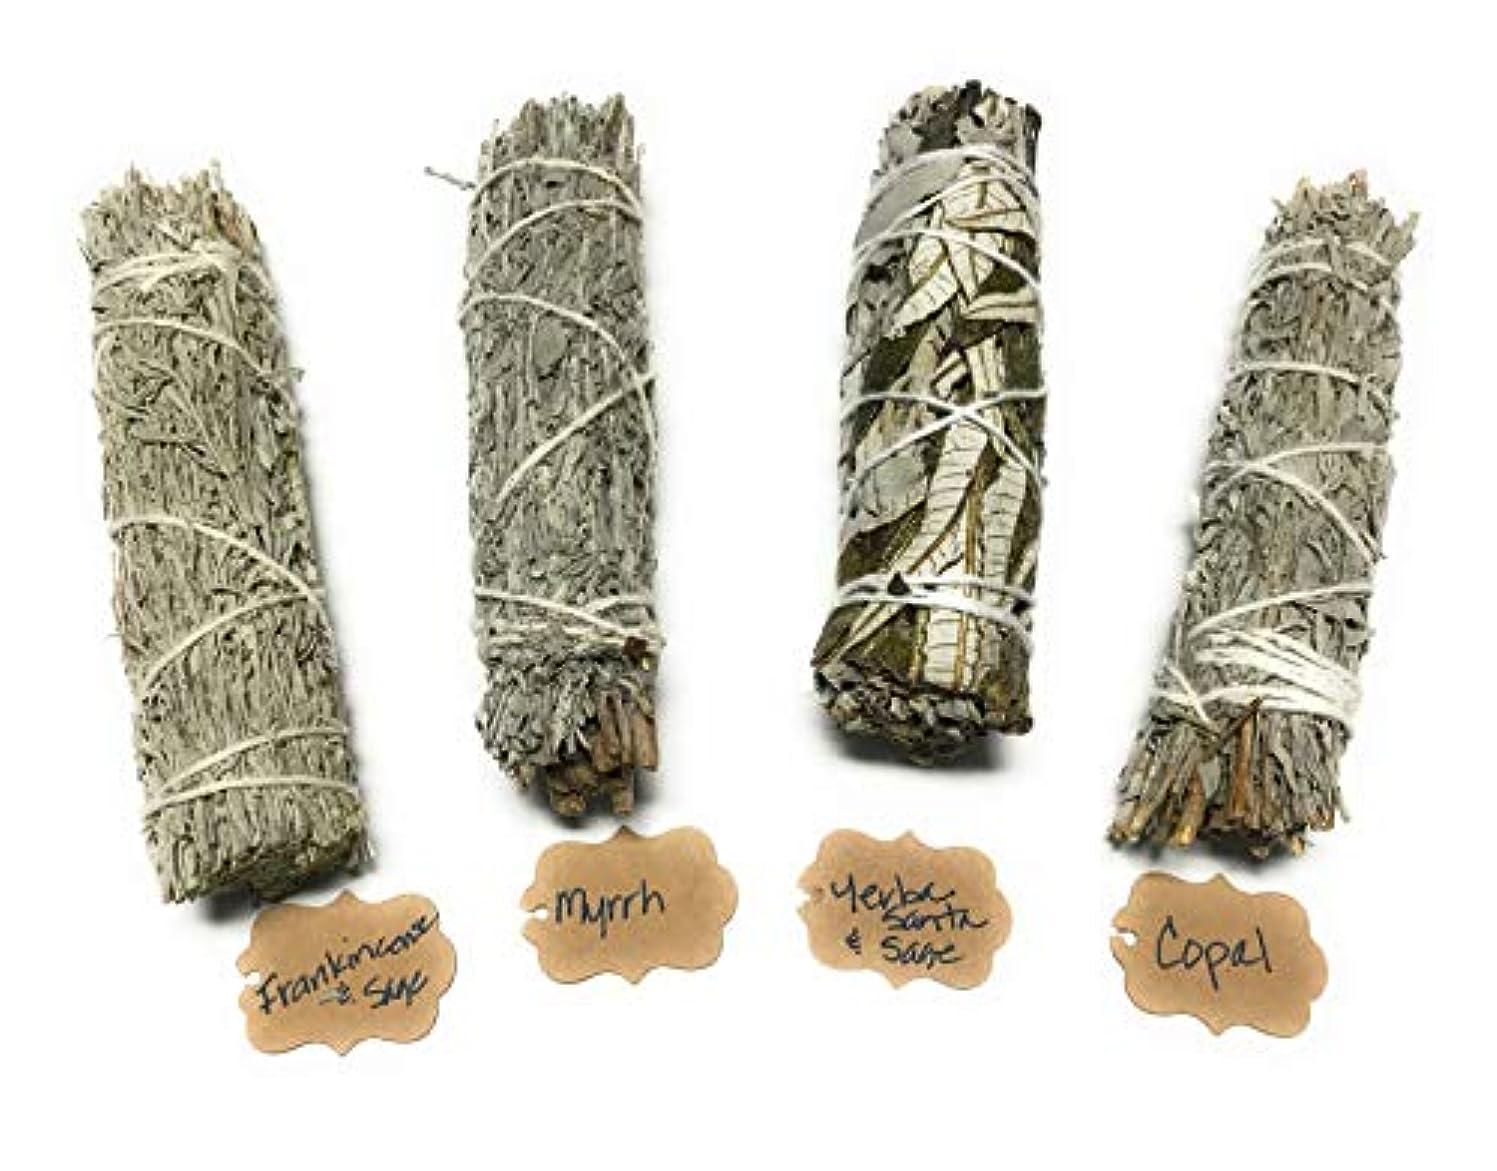 胸テナントテスピアンArianna Willow Mystical バラエティスマッジスティック Copal、Frankincense、Myrrh、Yerba Santaを含む